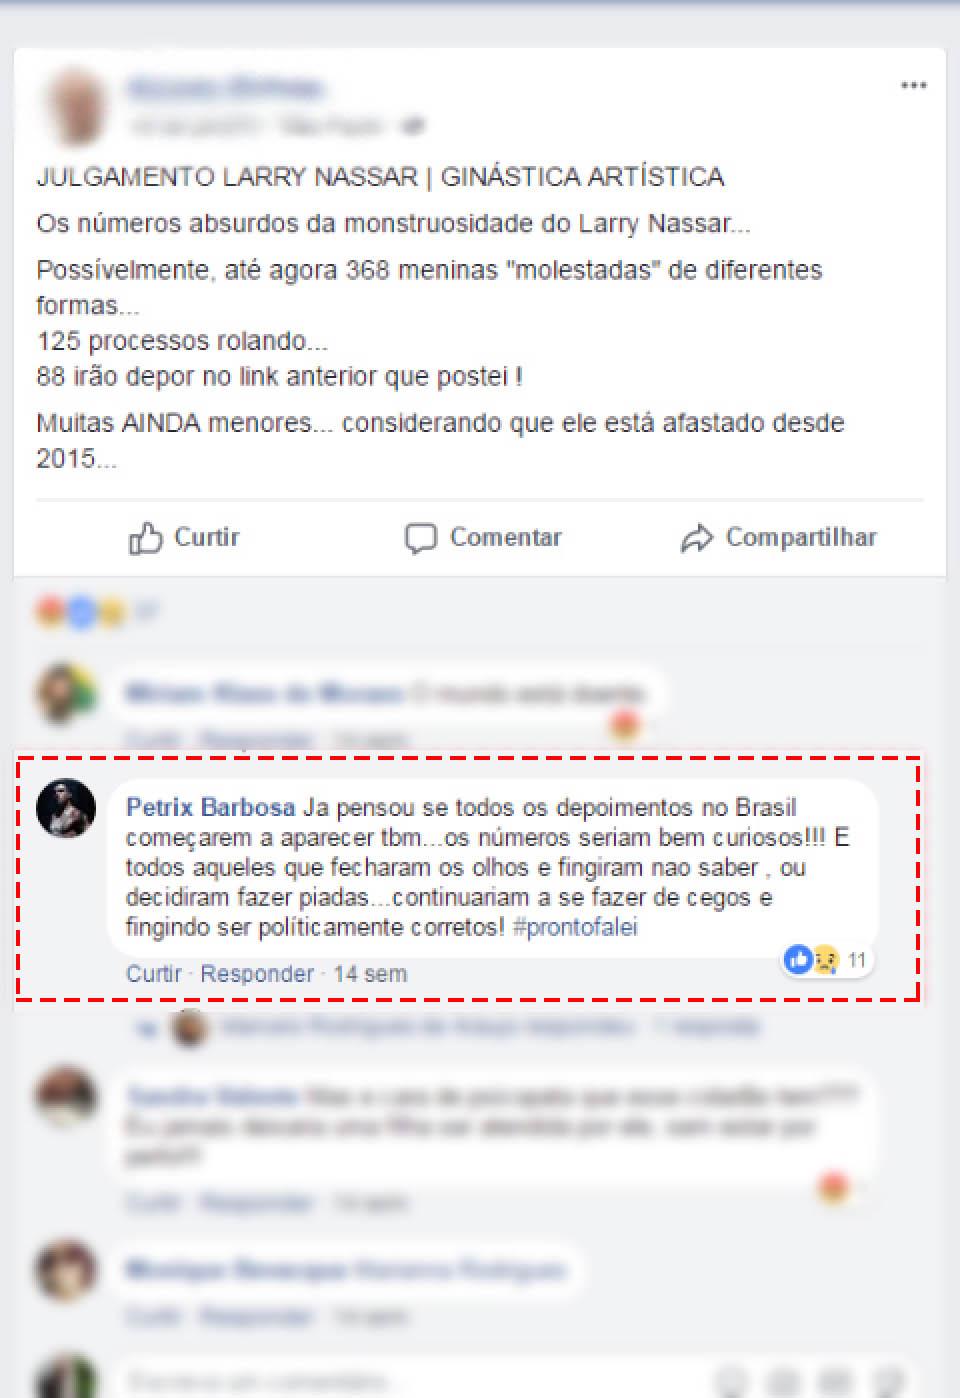 """a7beaff54 """"Já pensou se todos os depoimentos no Brasil começarem a aparecer? Os  números seriam bem curiosos!!! E todos aqueles que fecharam os olhos e  fingiram não ..."""